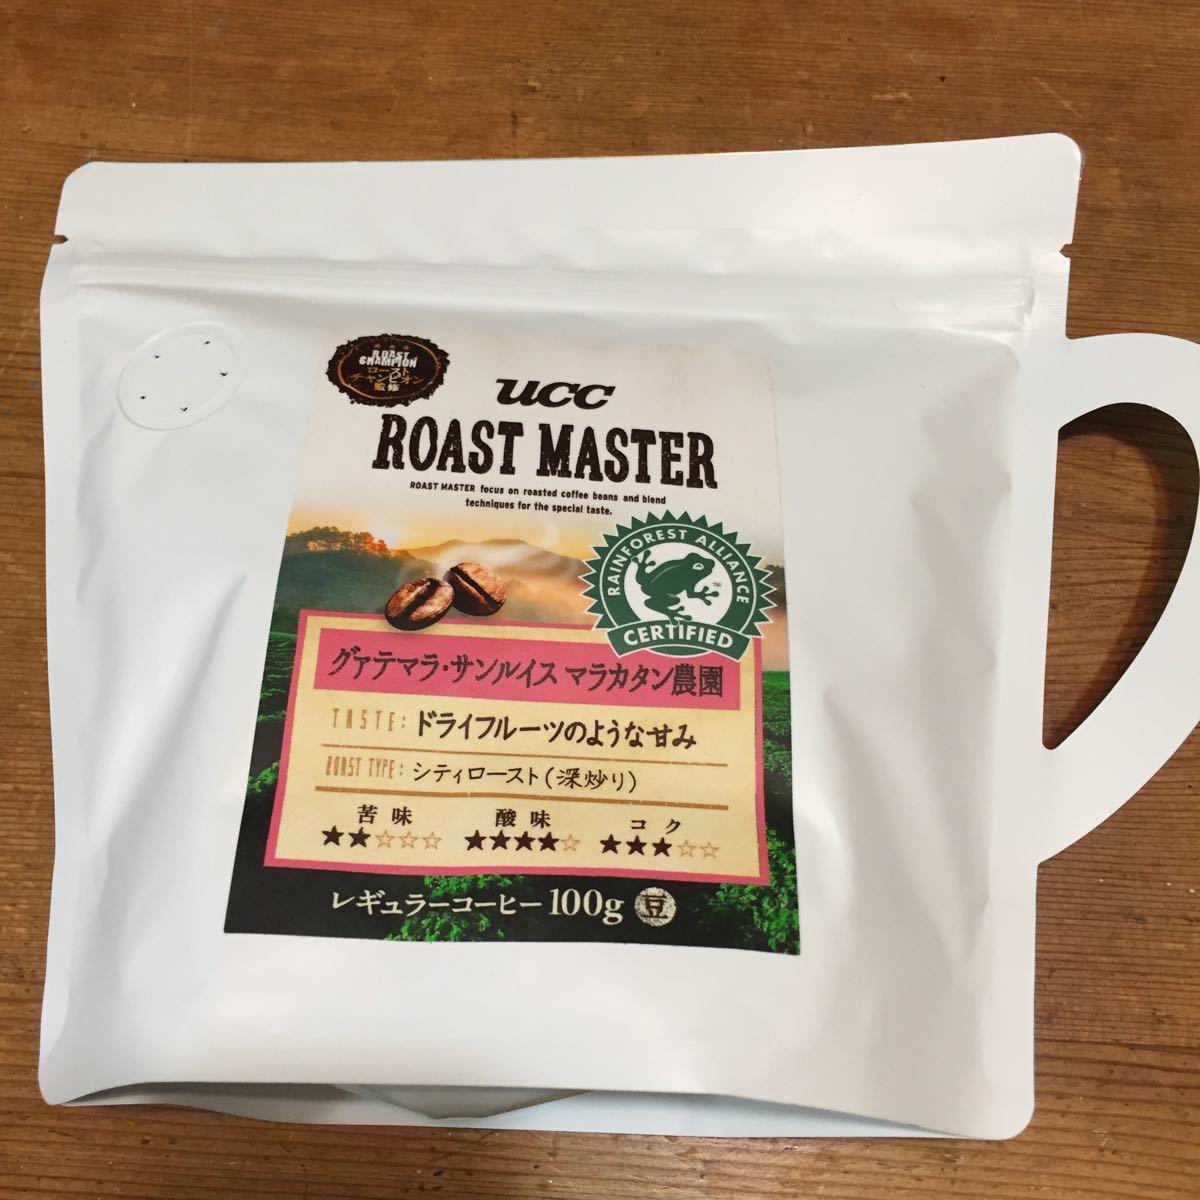 コーヒー豆 UCC ローストマスター100g